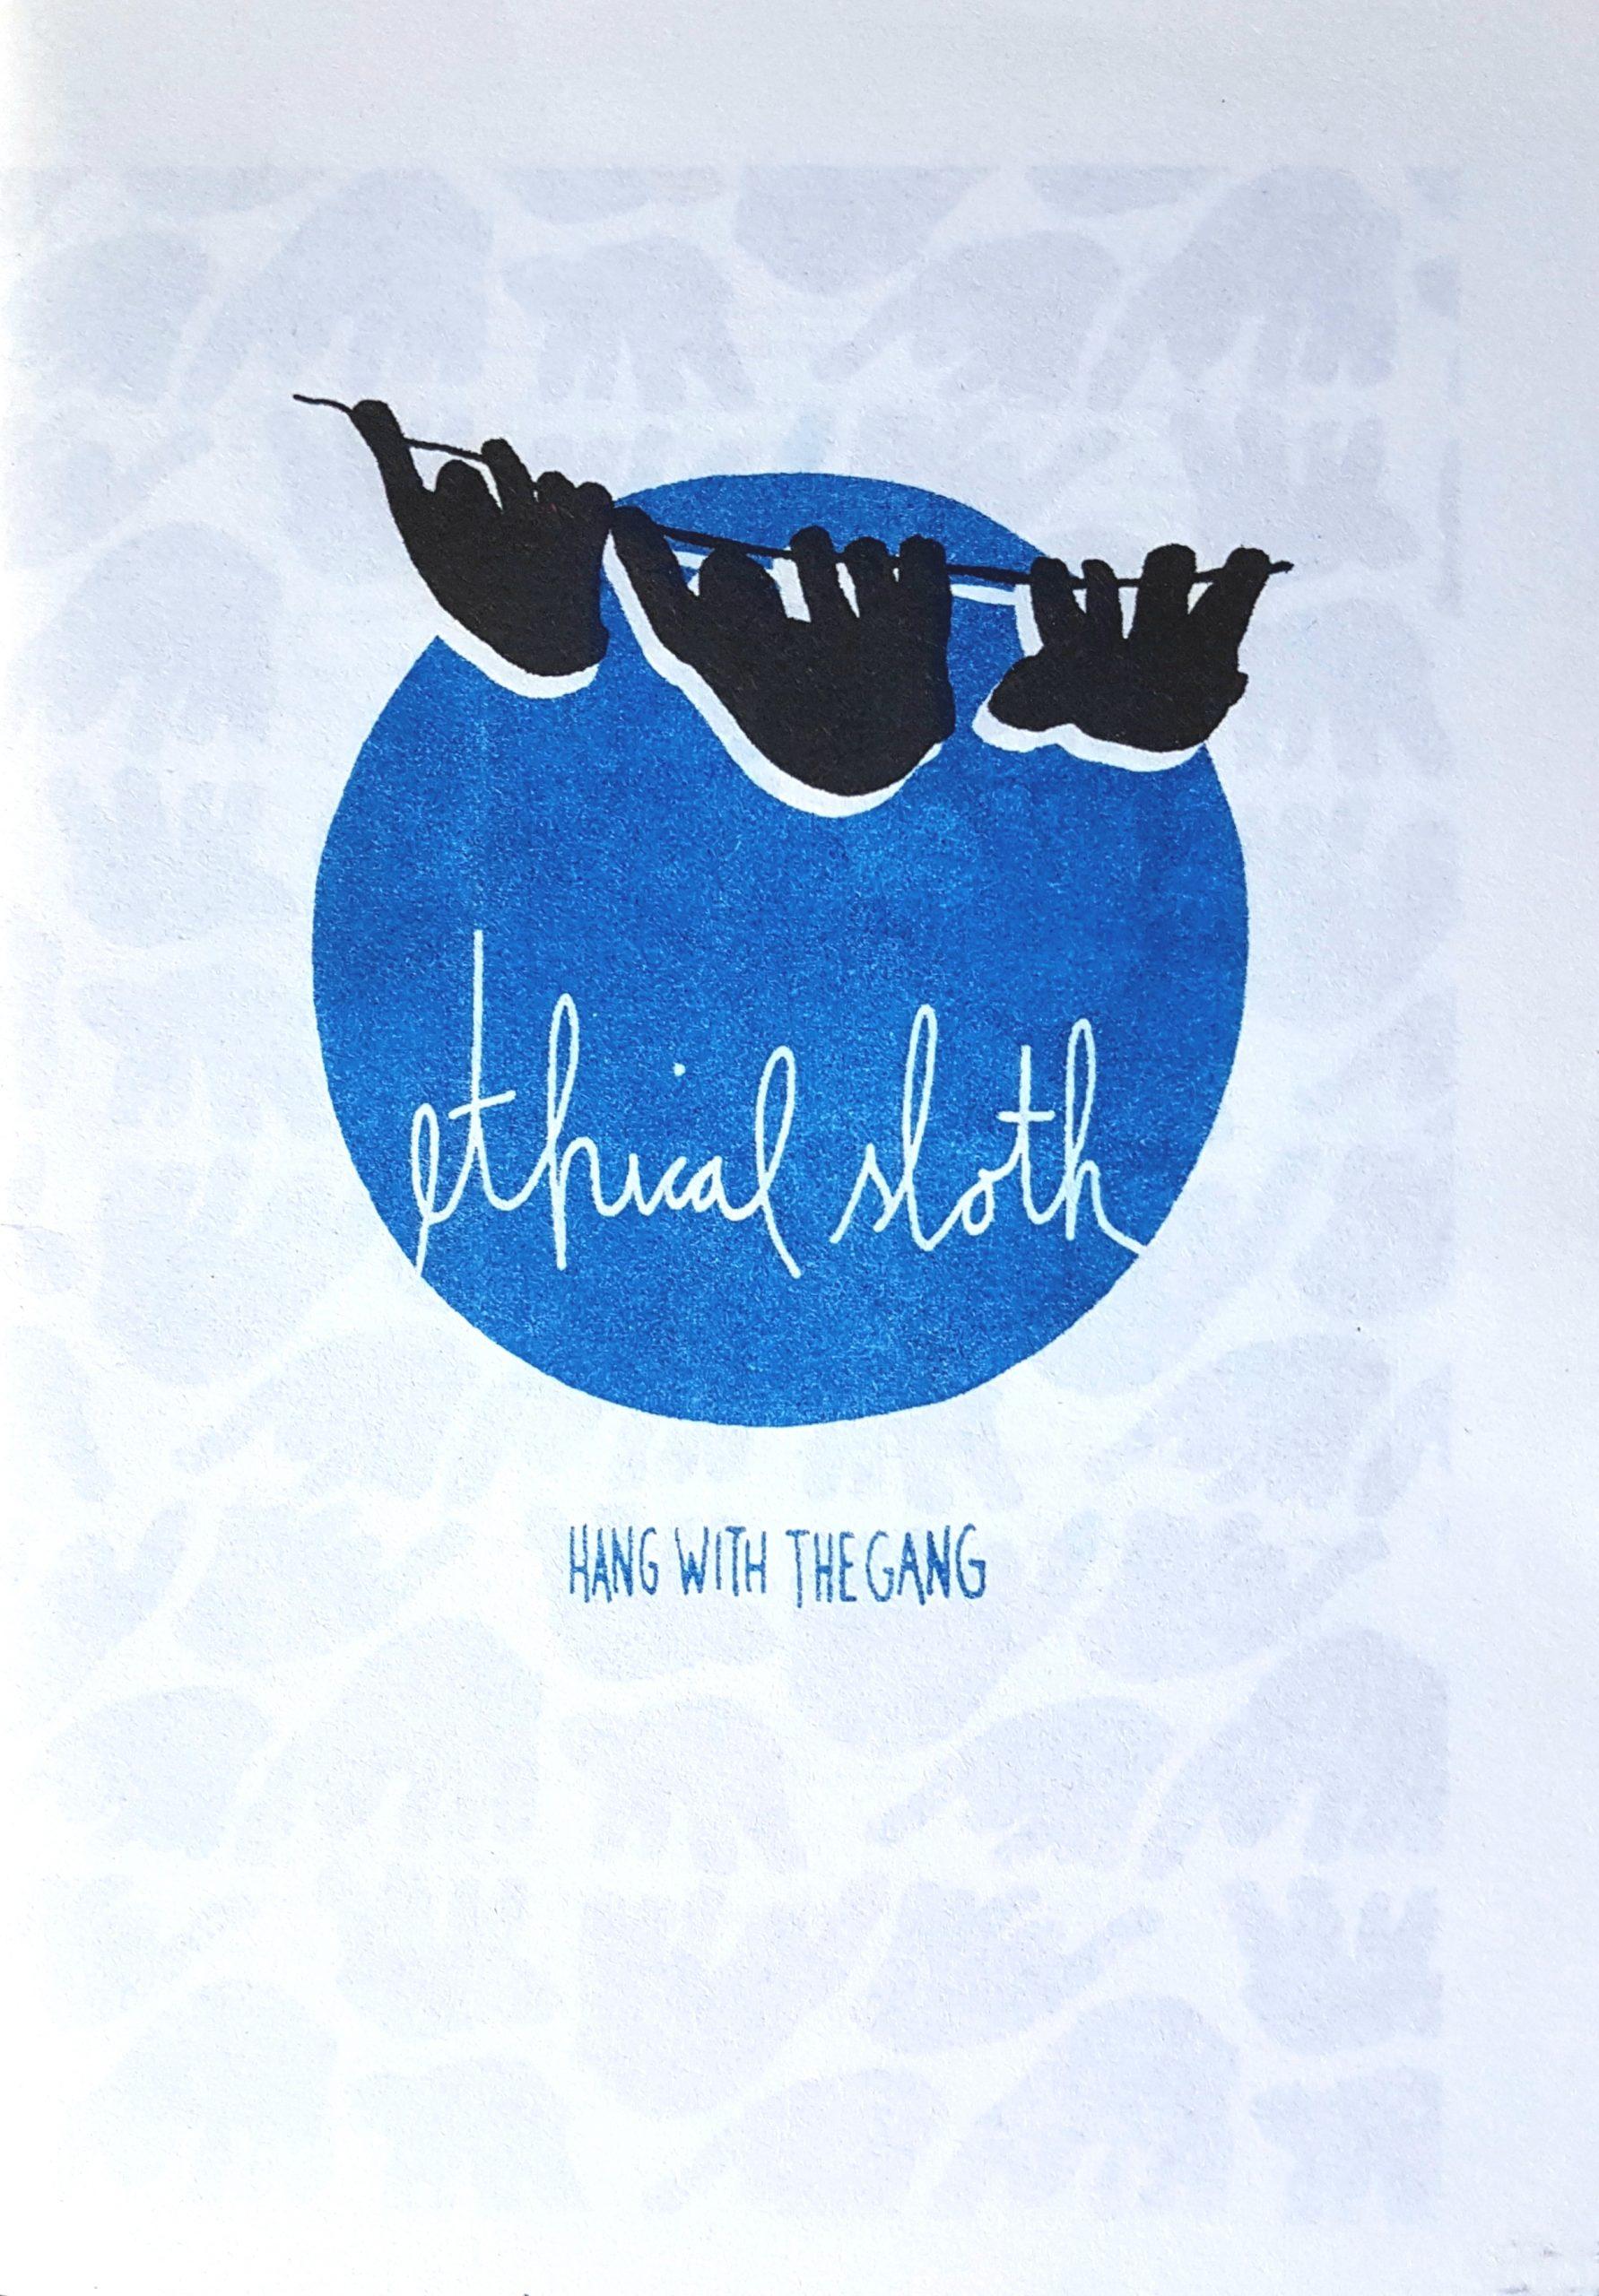 Foto des Deckblatts des Zine mit Titel. Im Risografiedruck ein großer blauer Kreis und darüber schwarz drei Faultiere an einem Seil.